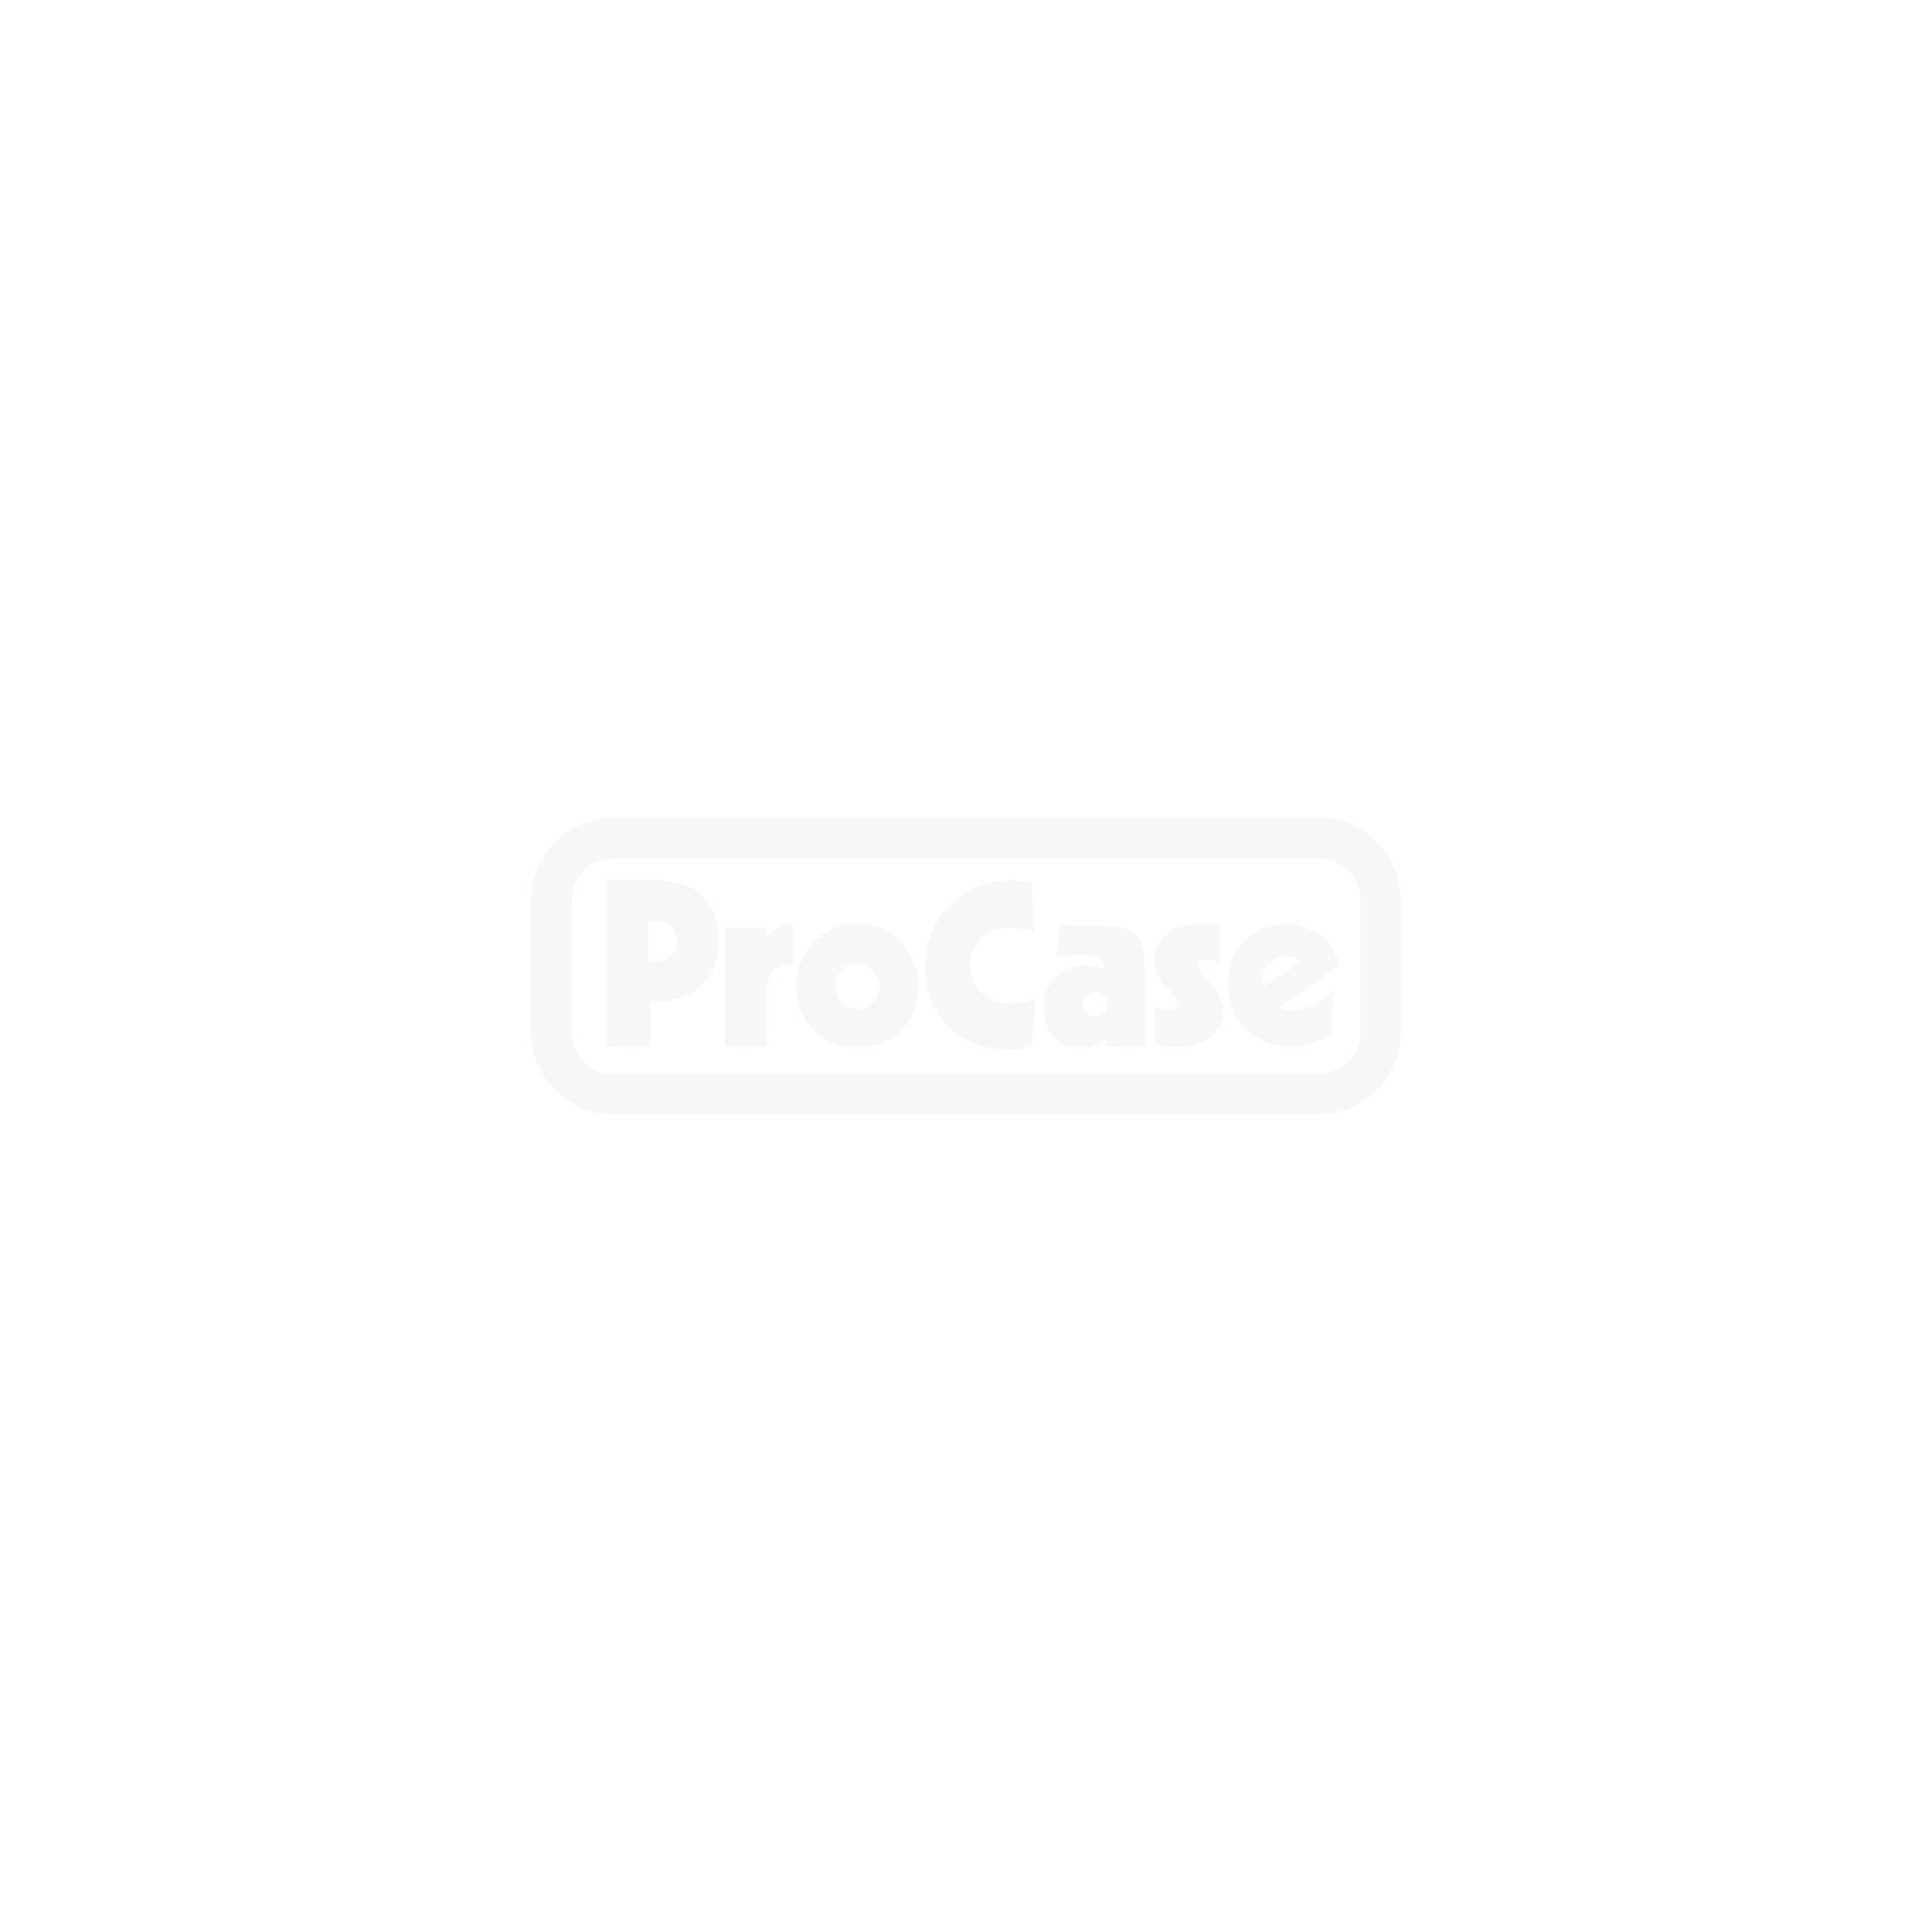 QSD Stack-Rack 3HE 600 tief 2